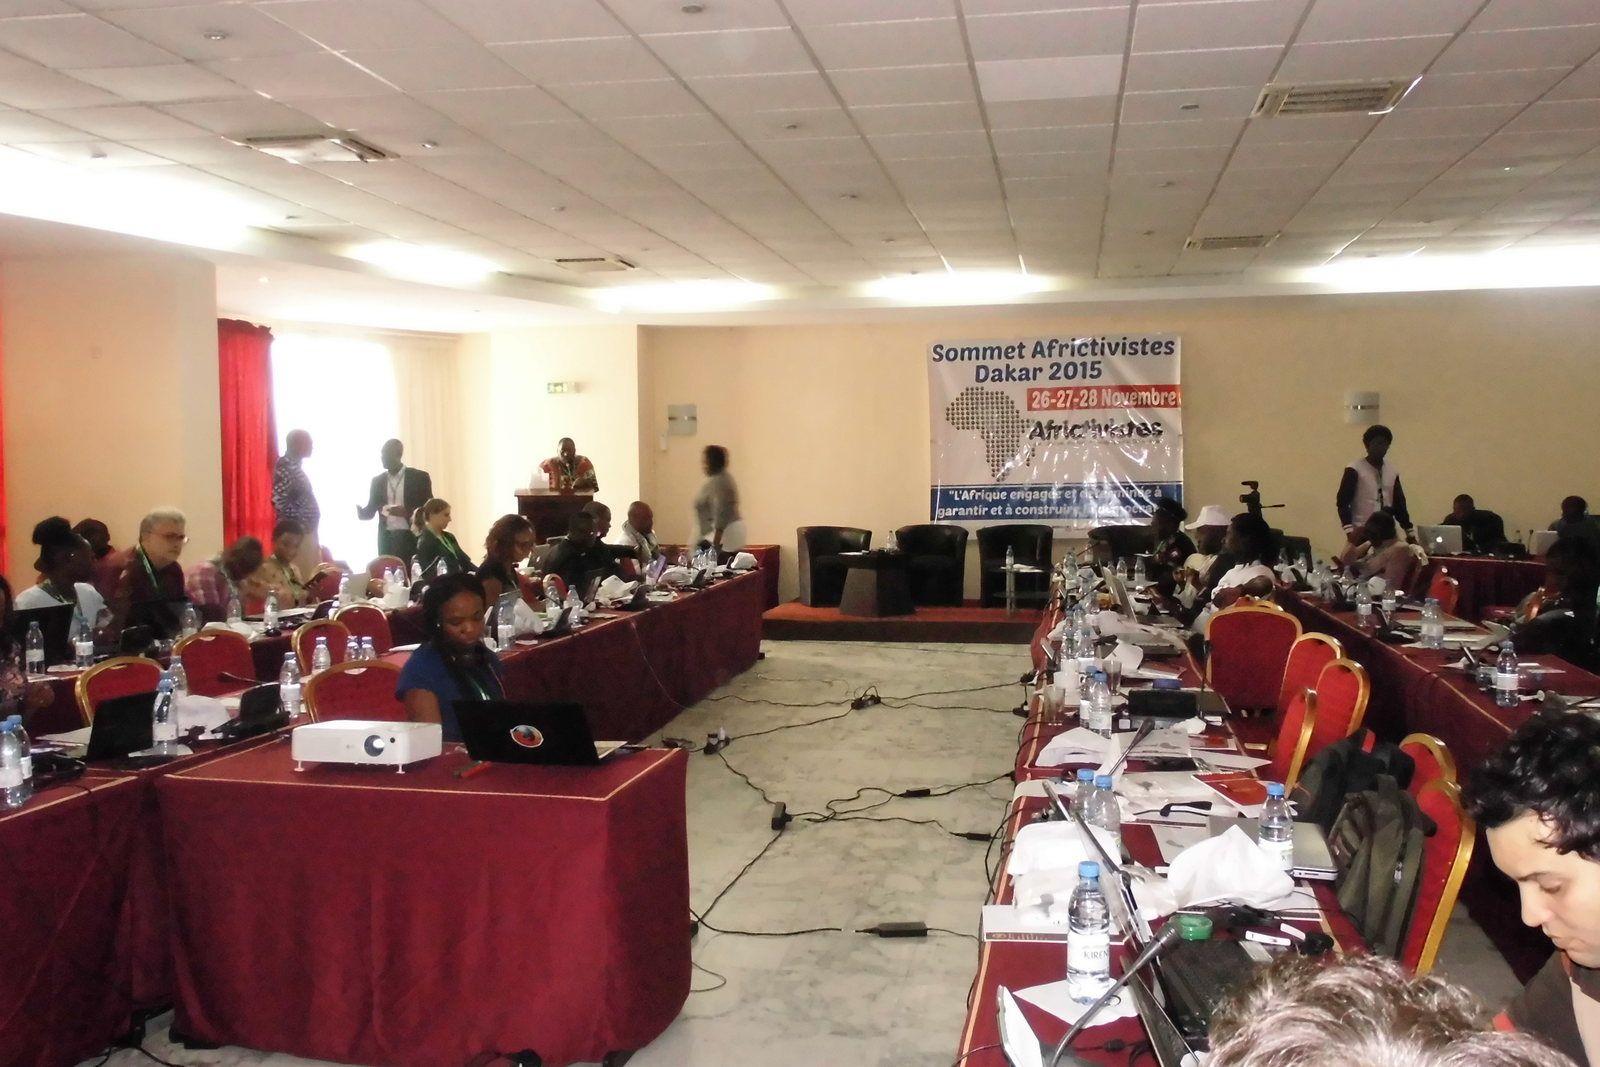 Retour du Sommet #Africtivistes de Dakar 2015 : remerciements à tous !